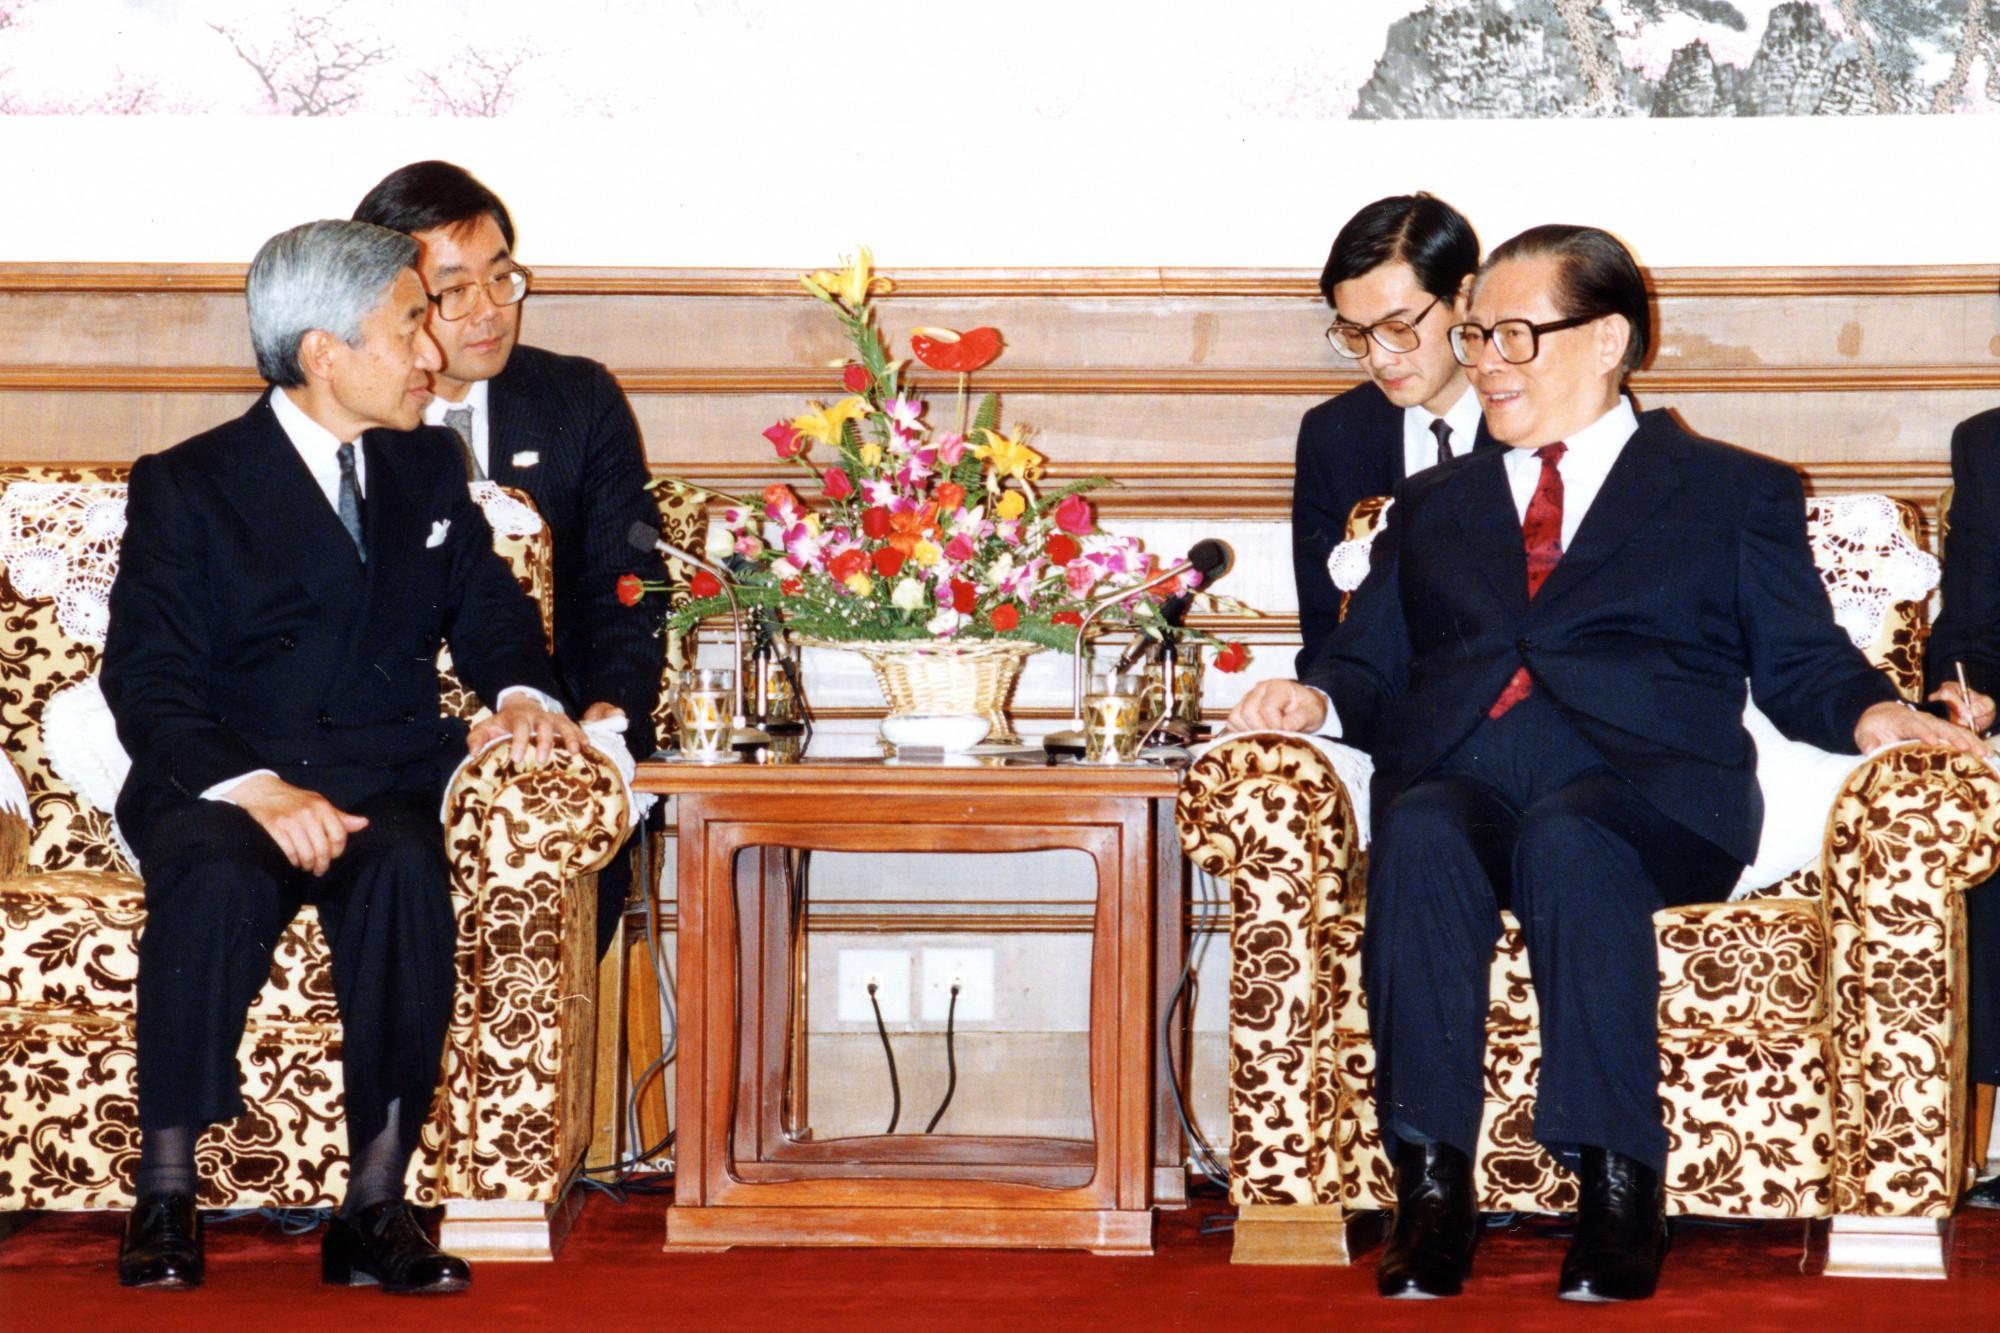 Nhật Hoàng Akihito: Vị hoàng đế của nhiều lần đầu tiên - Ảnh 11.